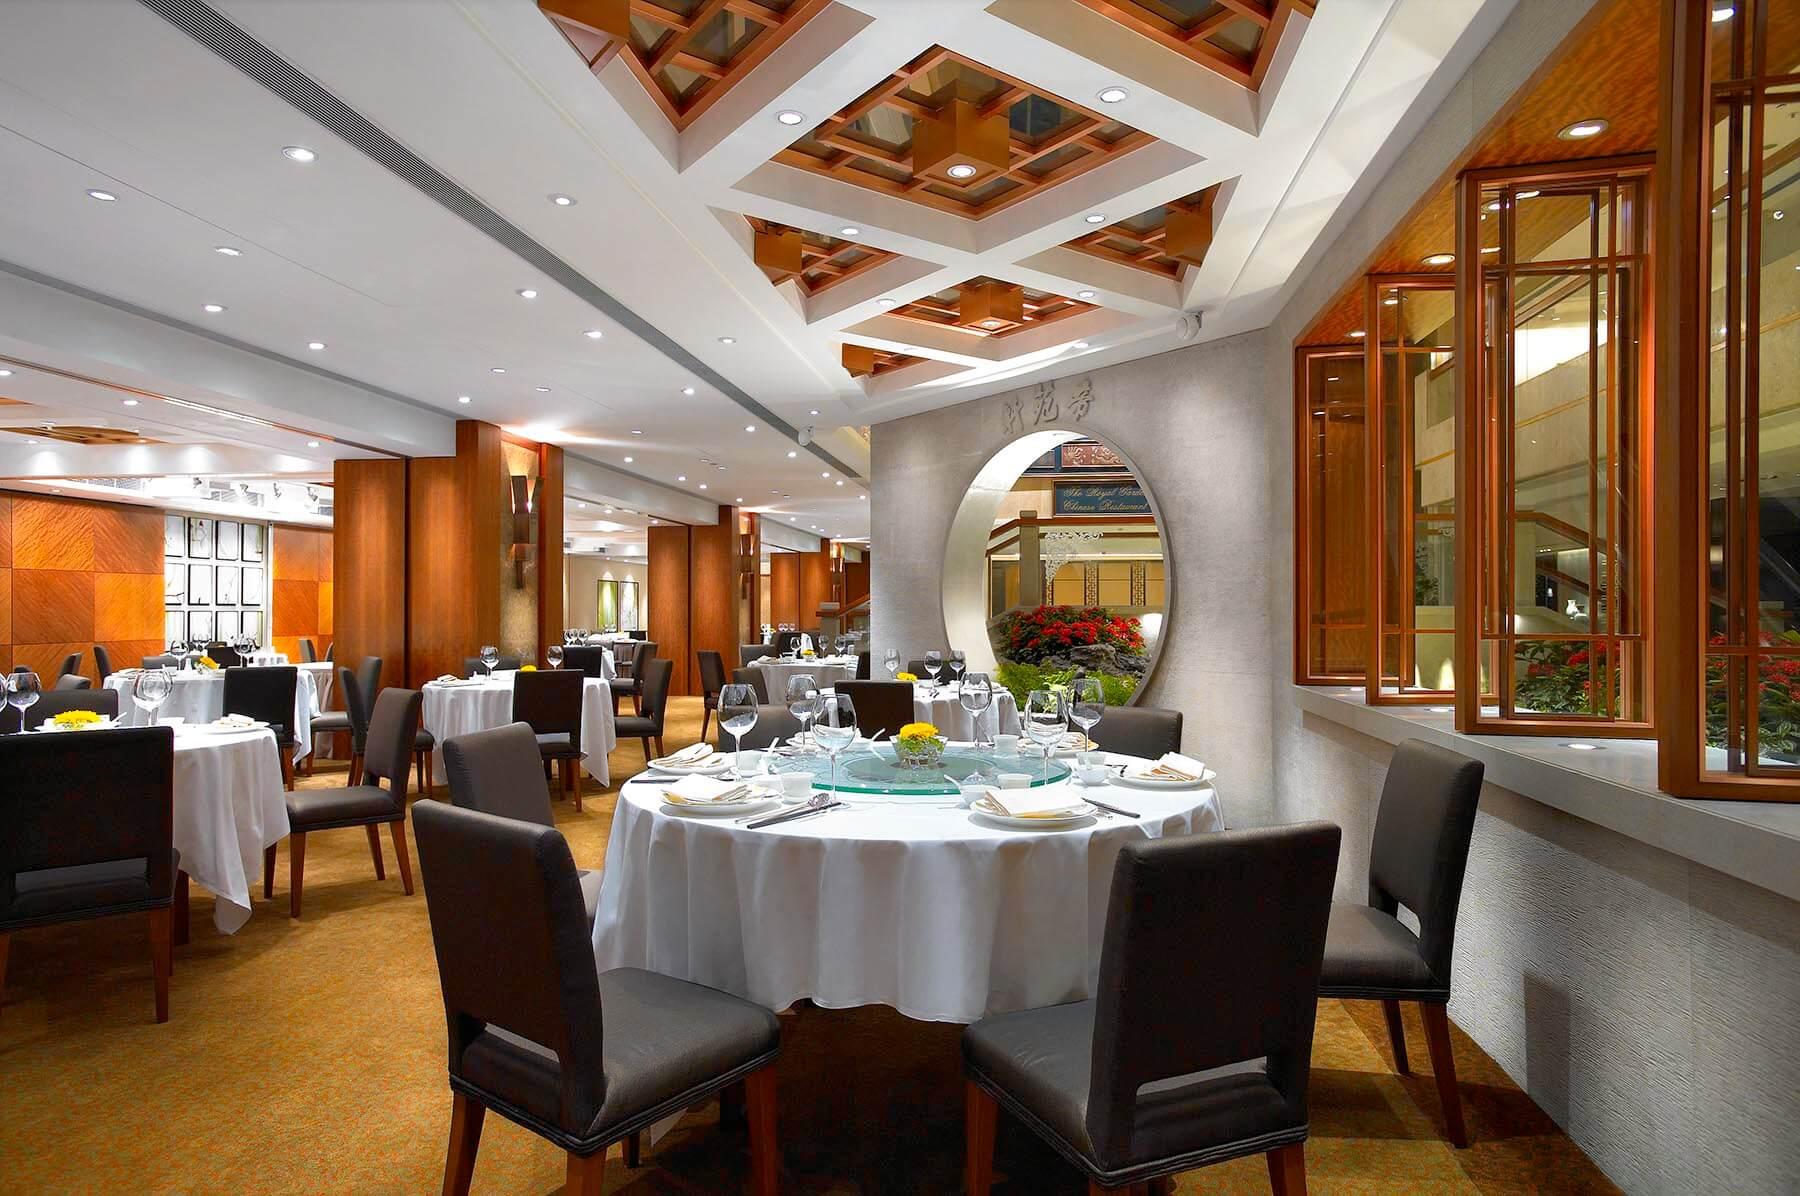 Chef Garden: The Royal Garden Chinese Restaurant